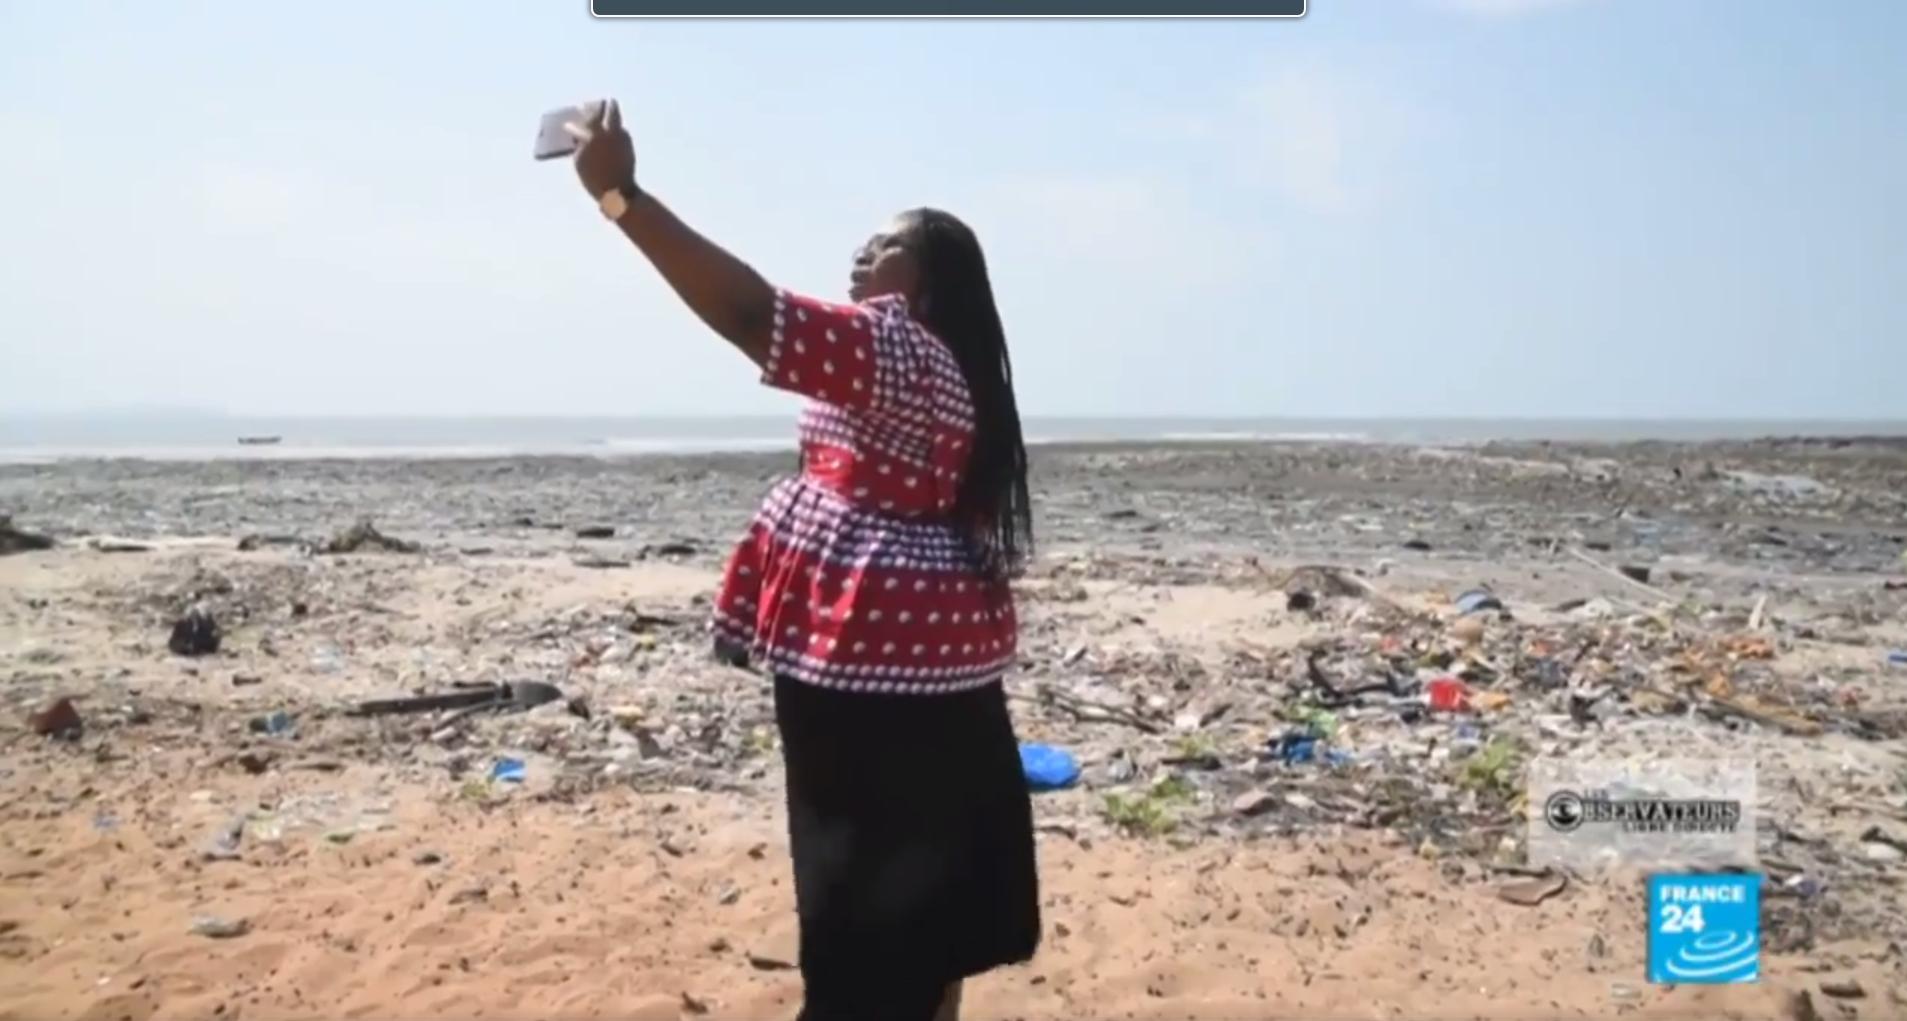 Un an après avoir tourné ces images à la plage de la Minière, notre Observatrice dresse un bilan mitigé de la gestion des déchets en Guinée.